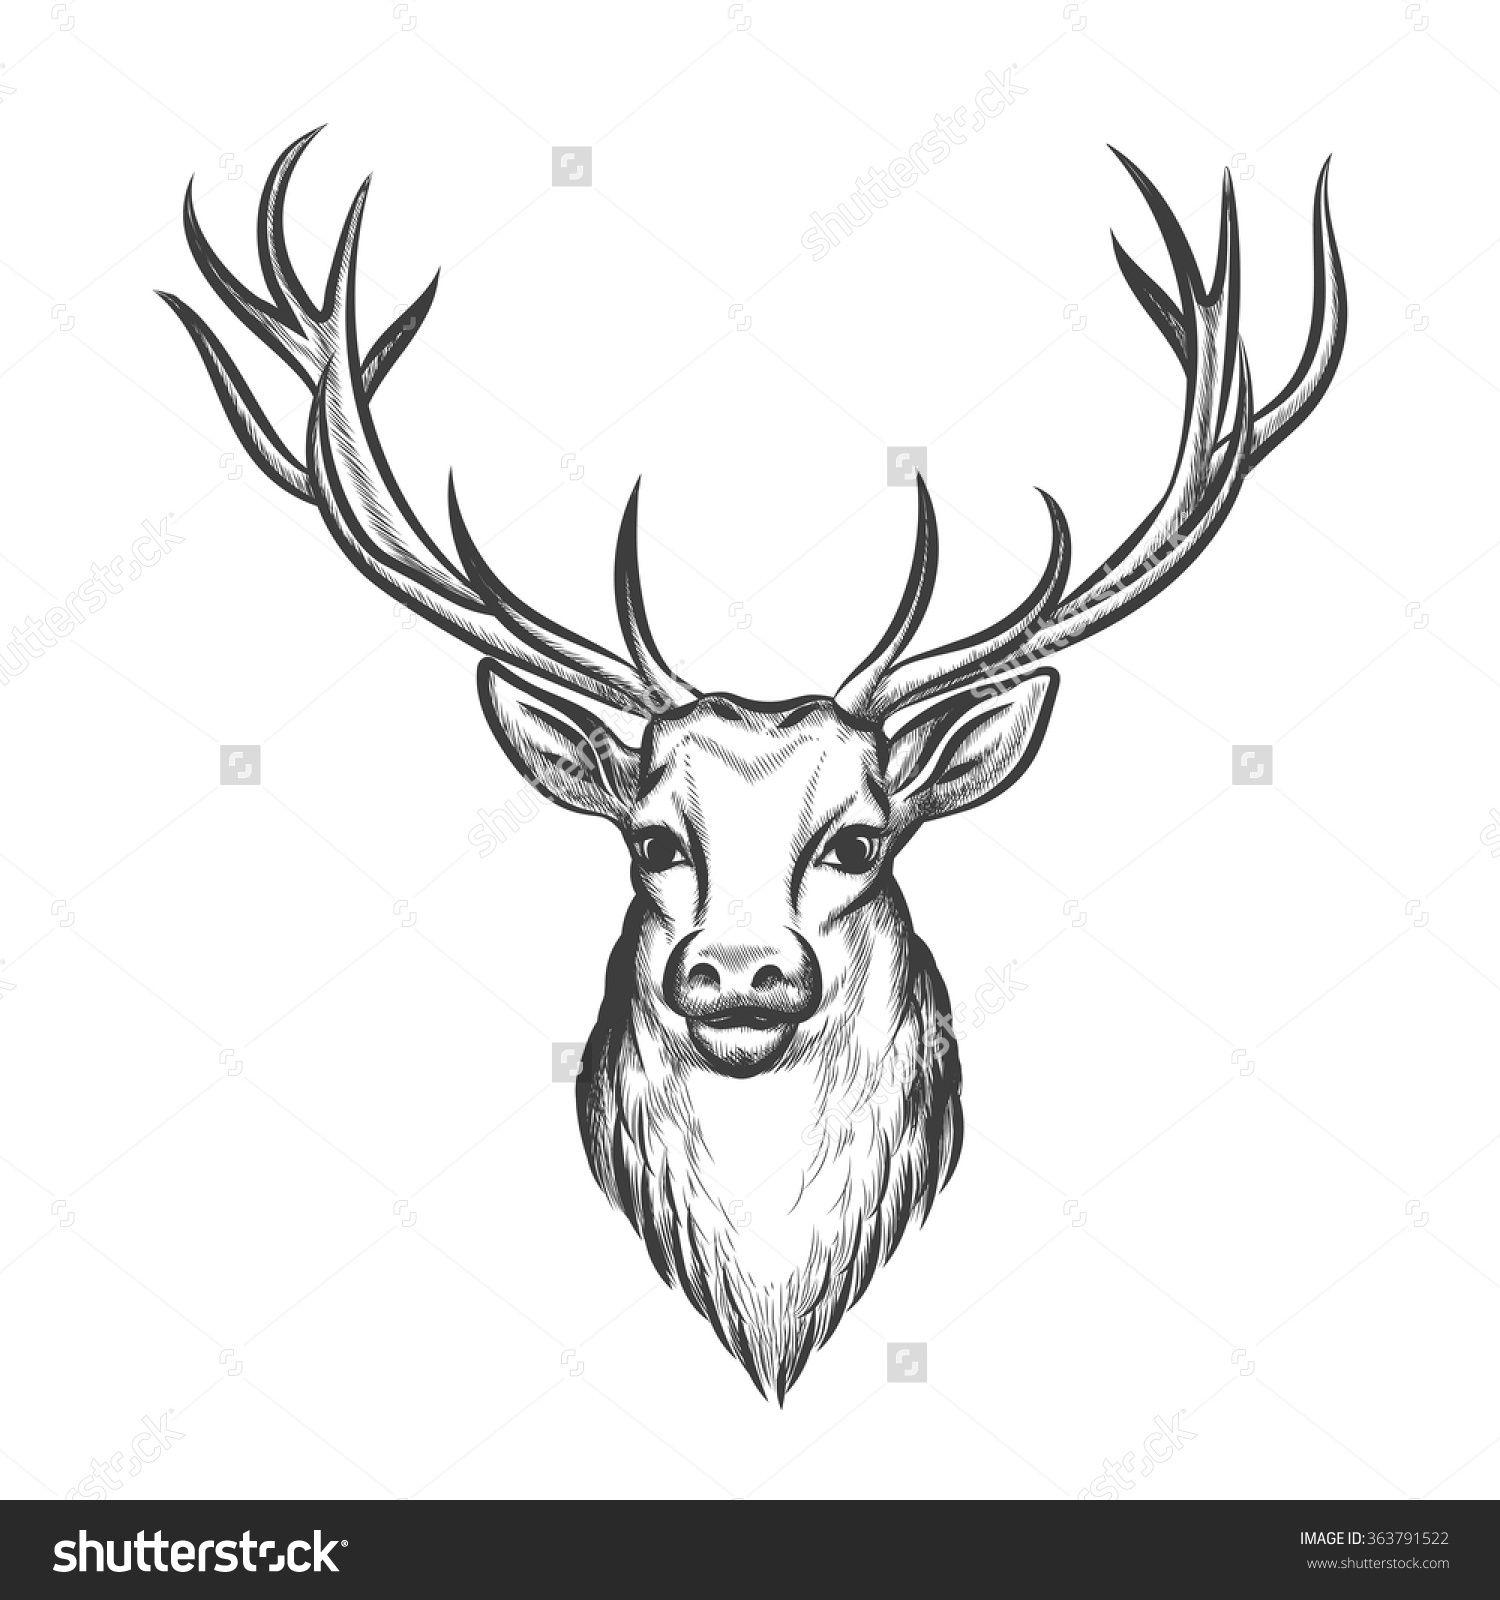 Reindeer head drawing - photo#12